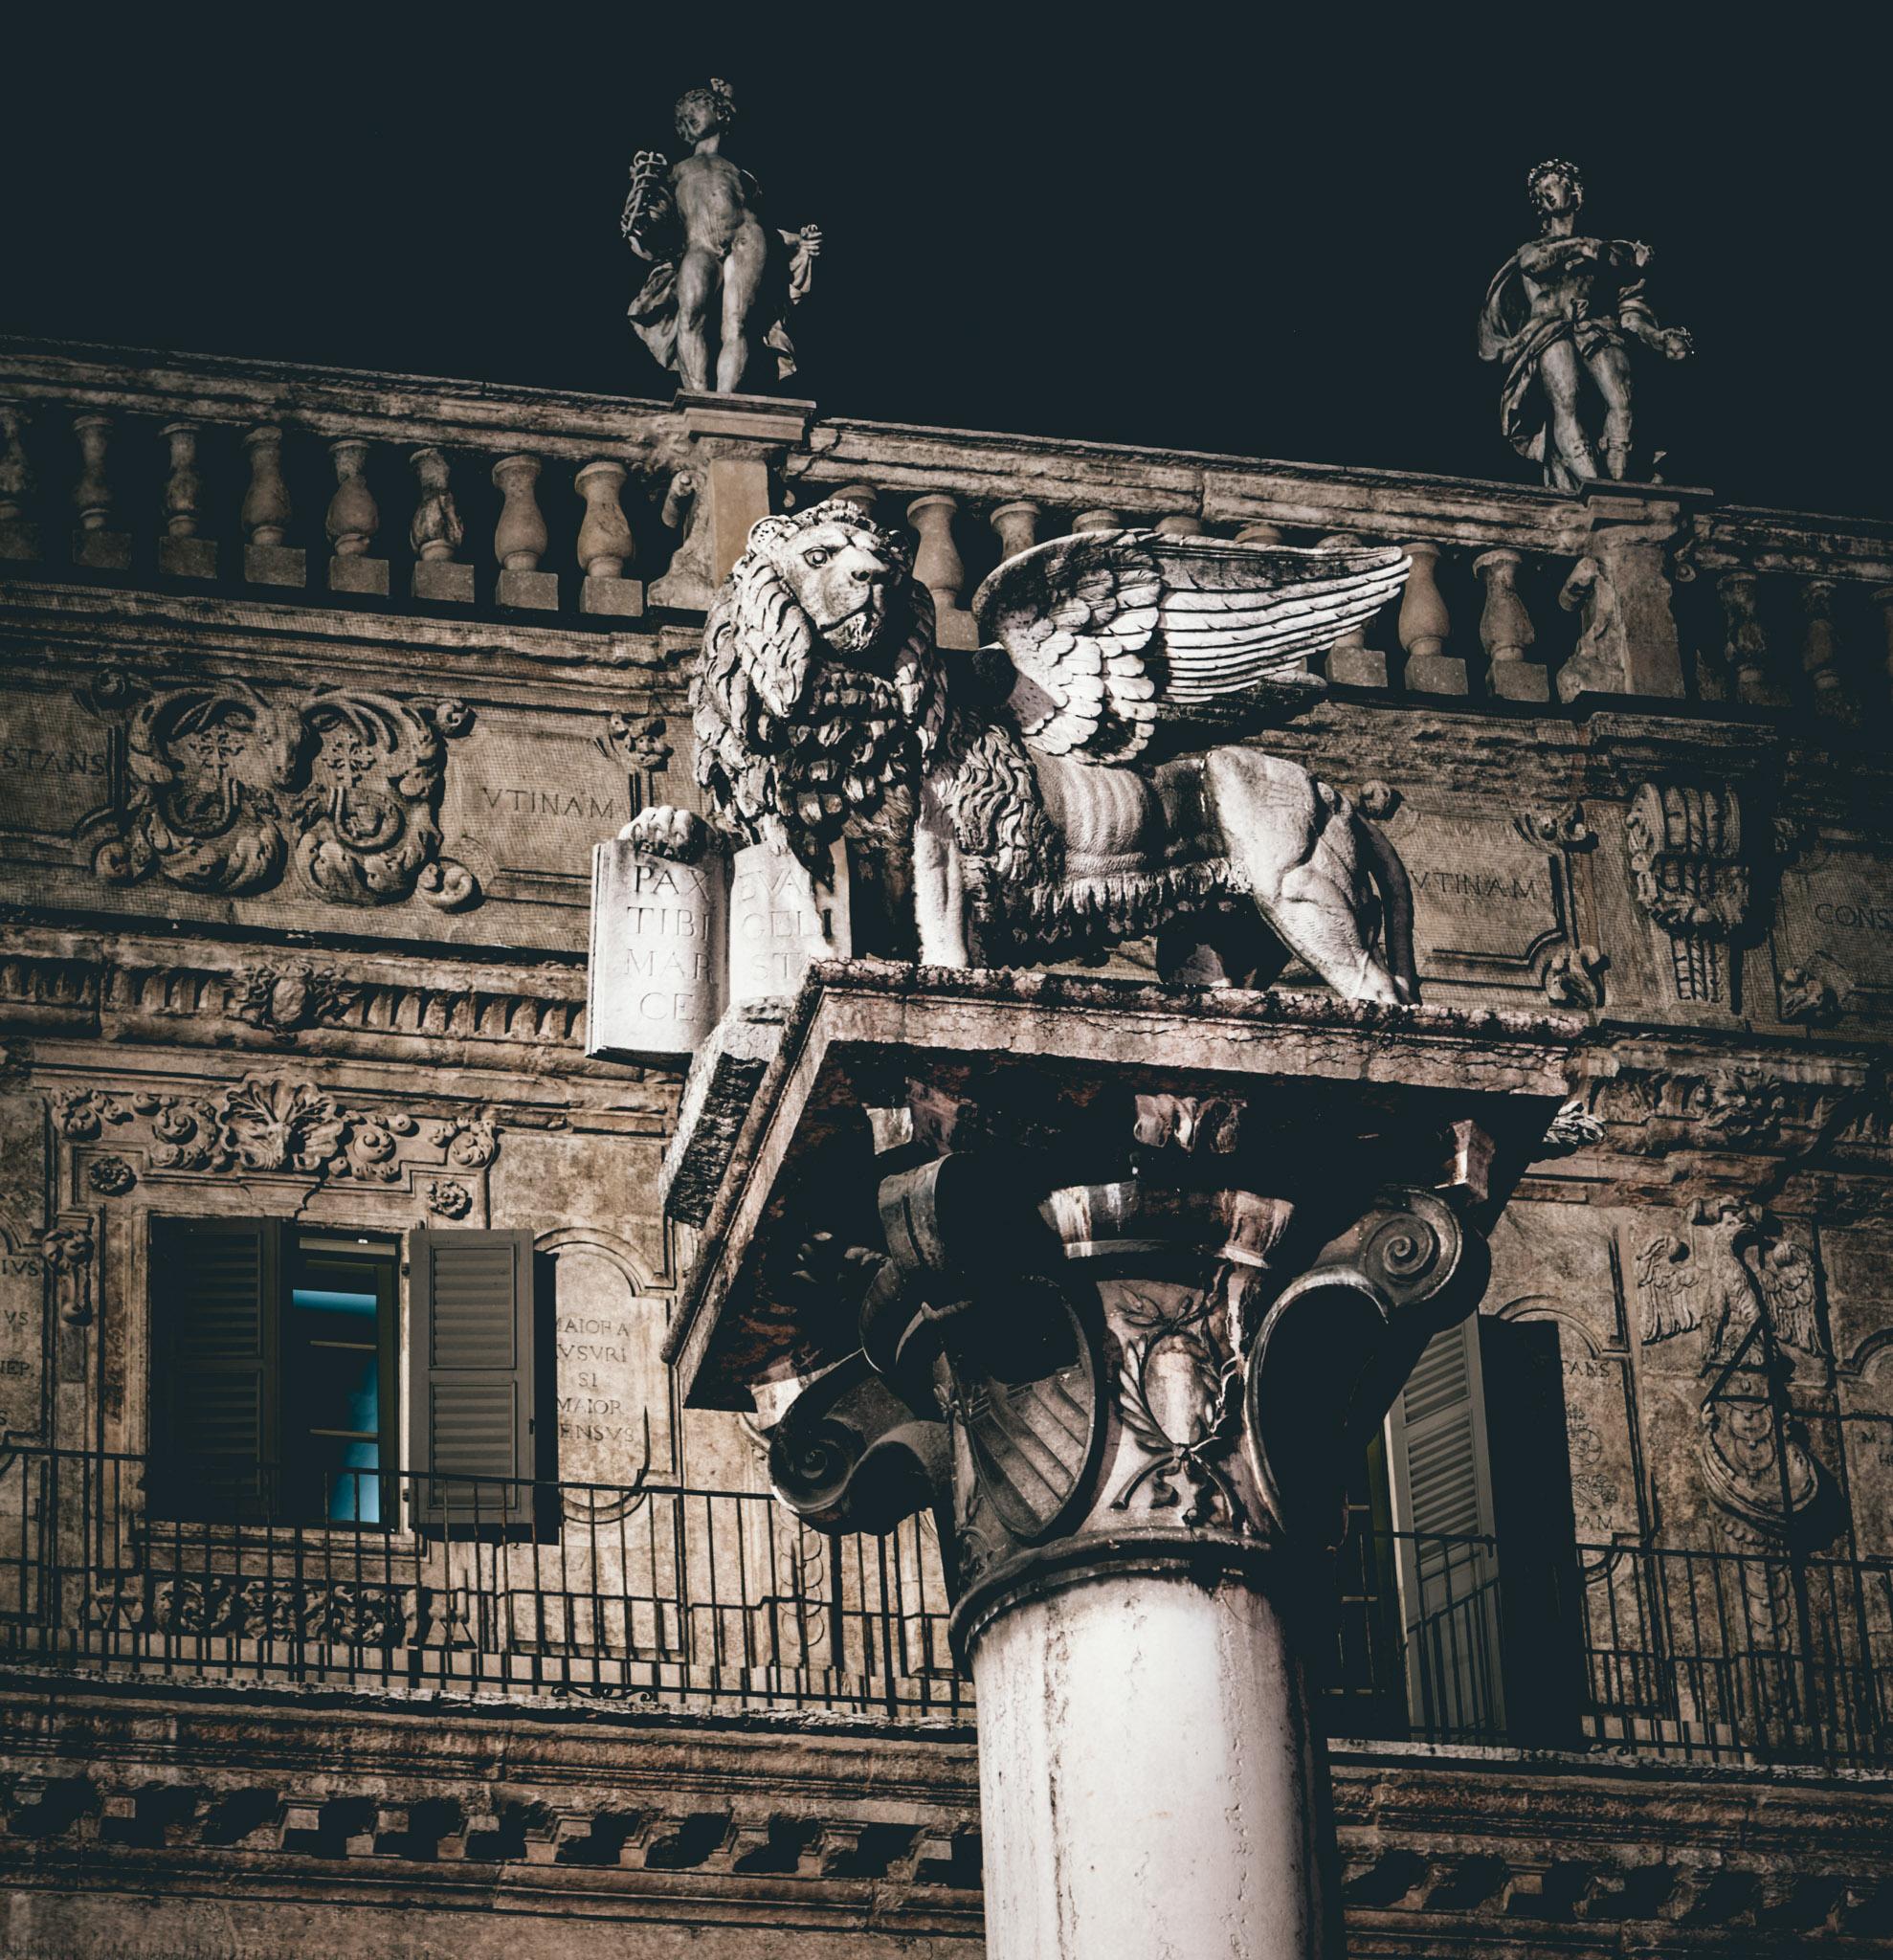 Italy : Verona : Piazza delle Erbe